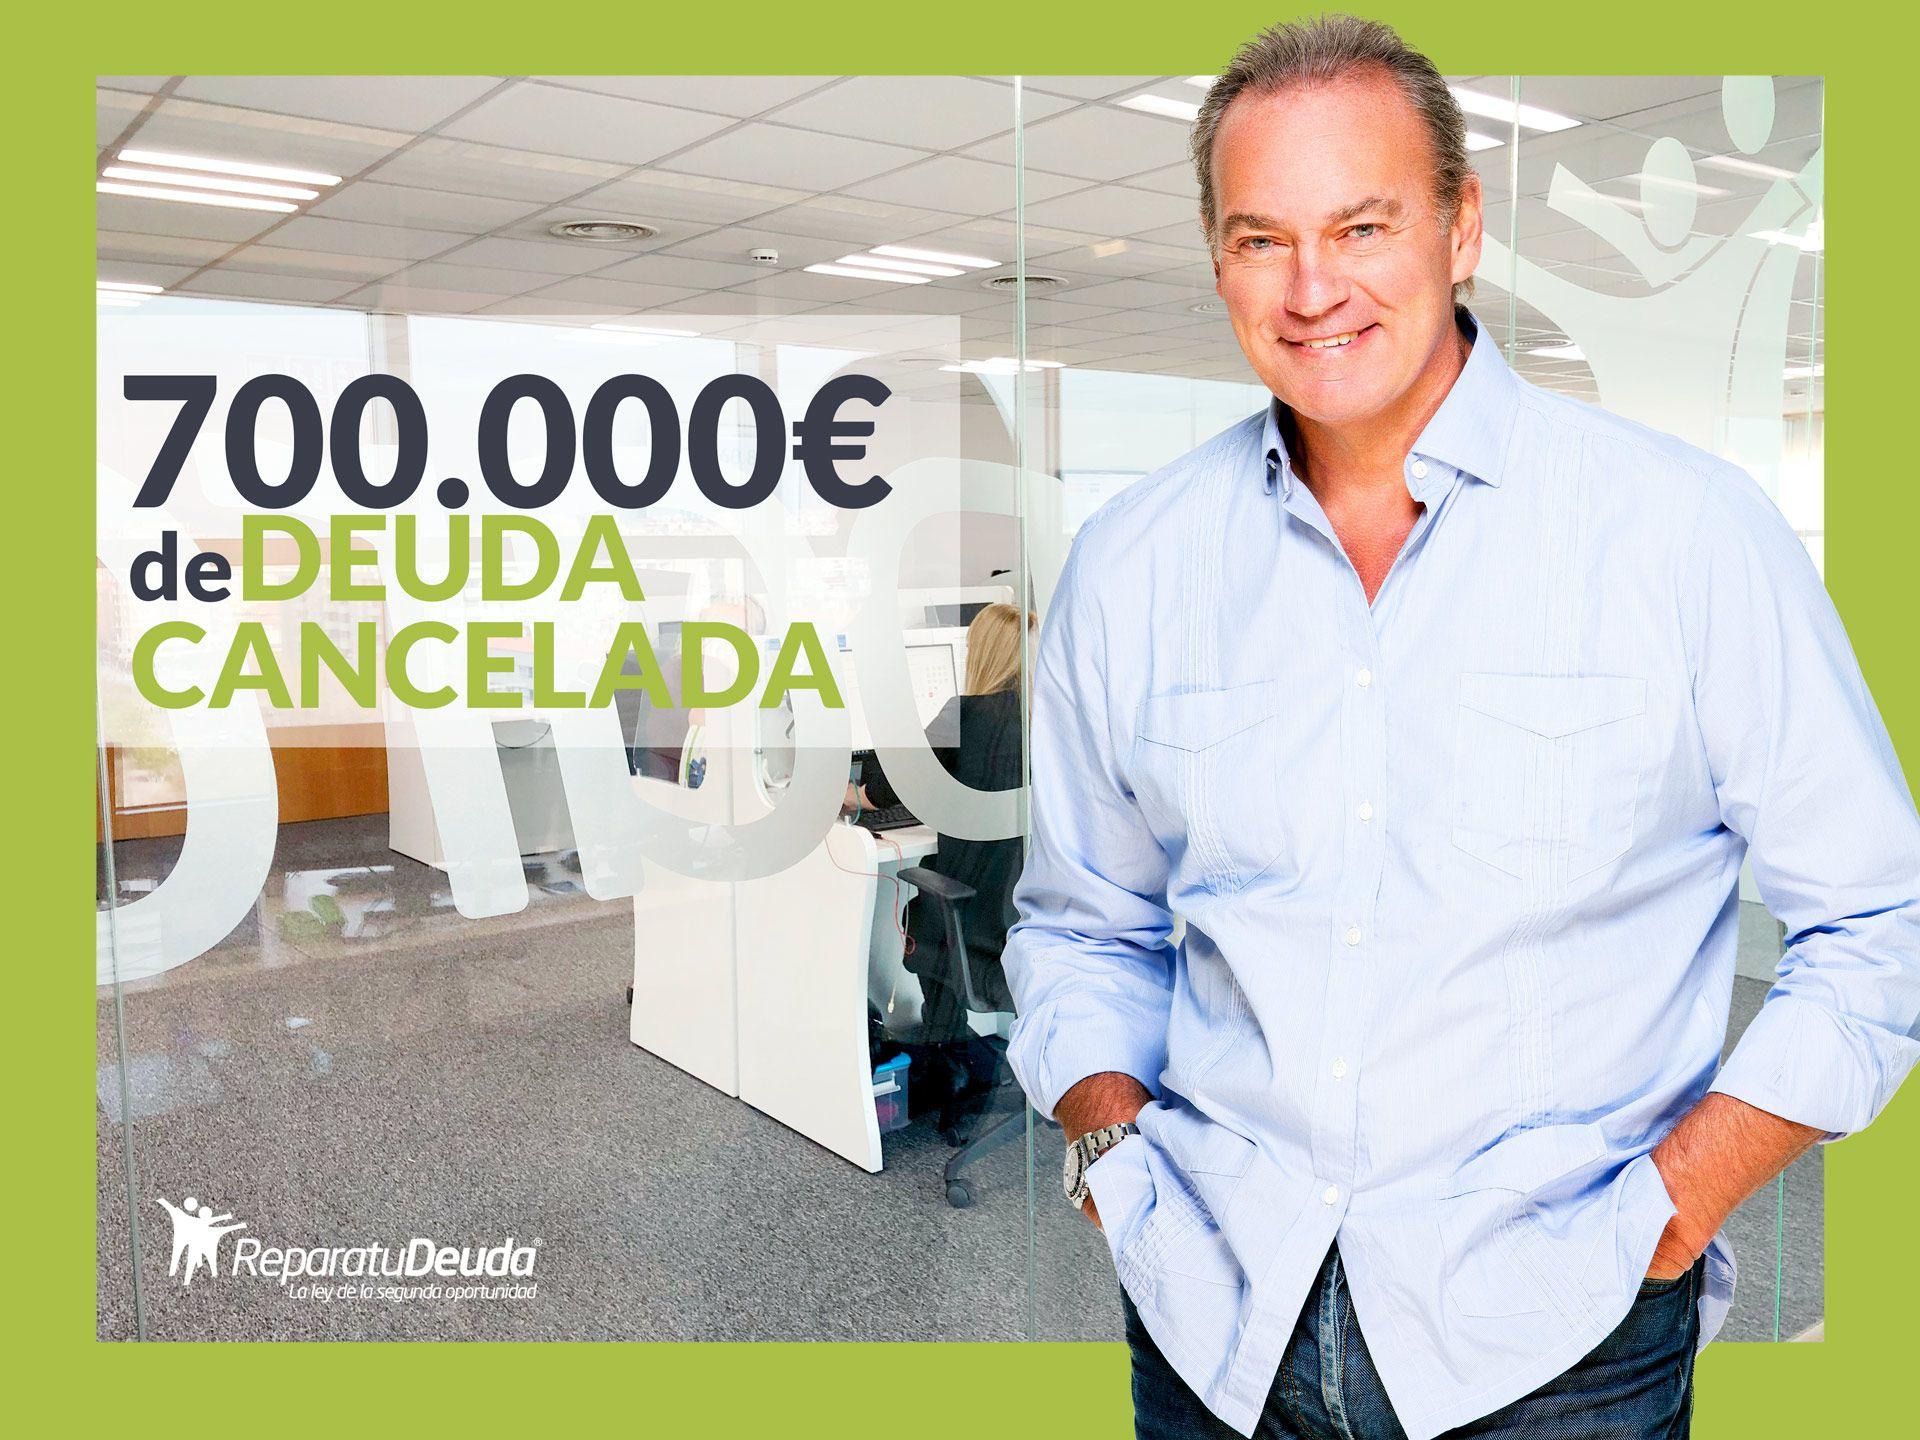 Repara tu Deuda abogados cancela 700.000 € en Igualada, Anoia (Barcelona) con la Ley de Segunda Oportunidad